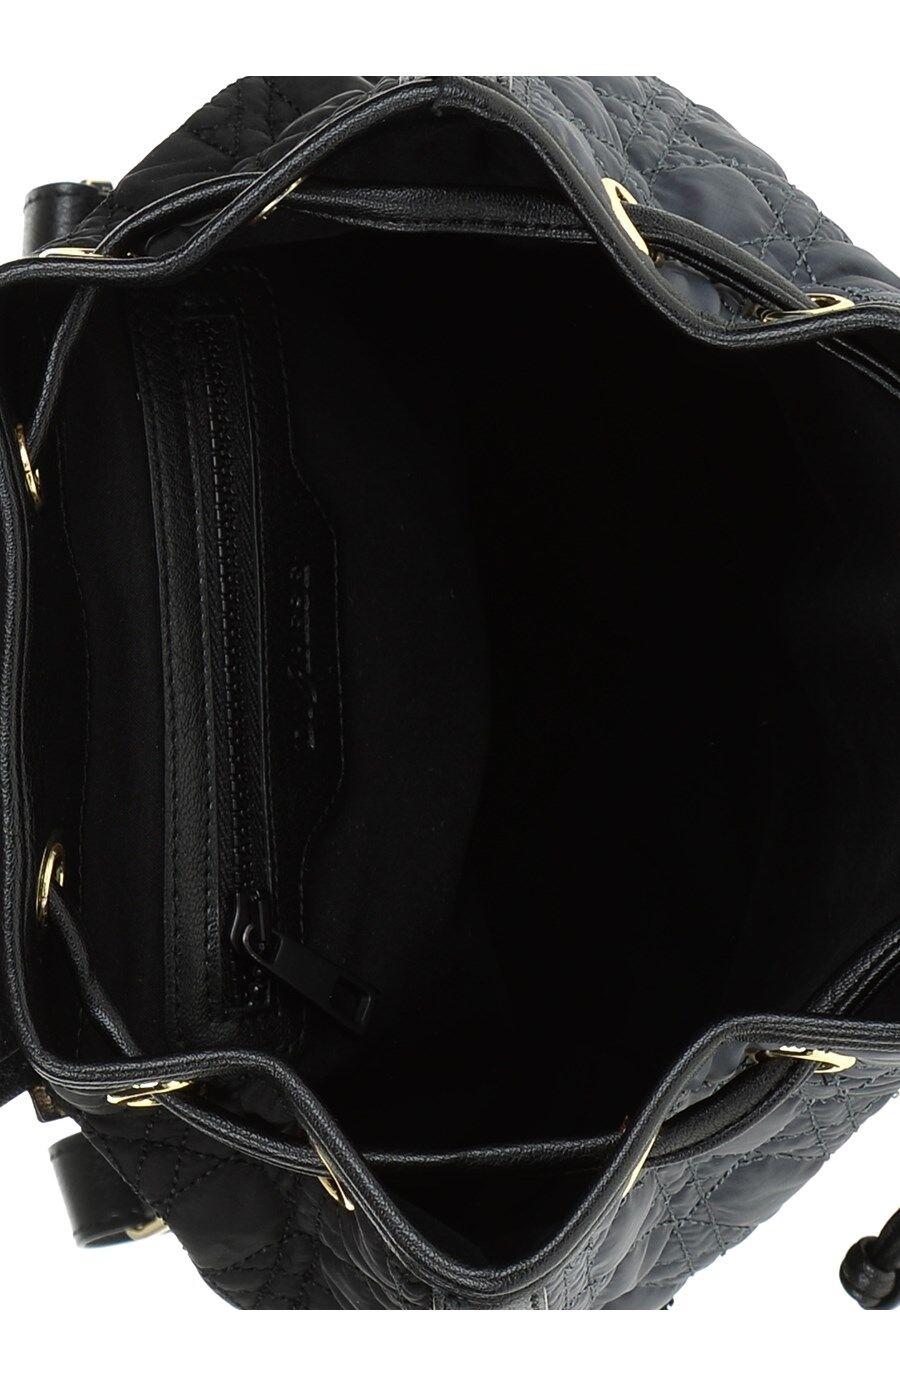 Siyah-Gri Sırt Çantası